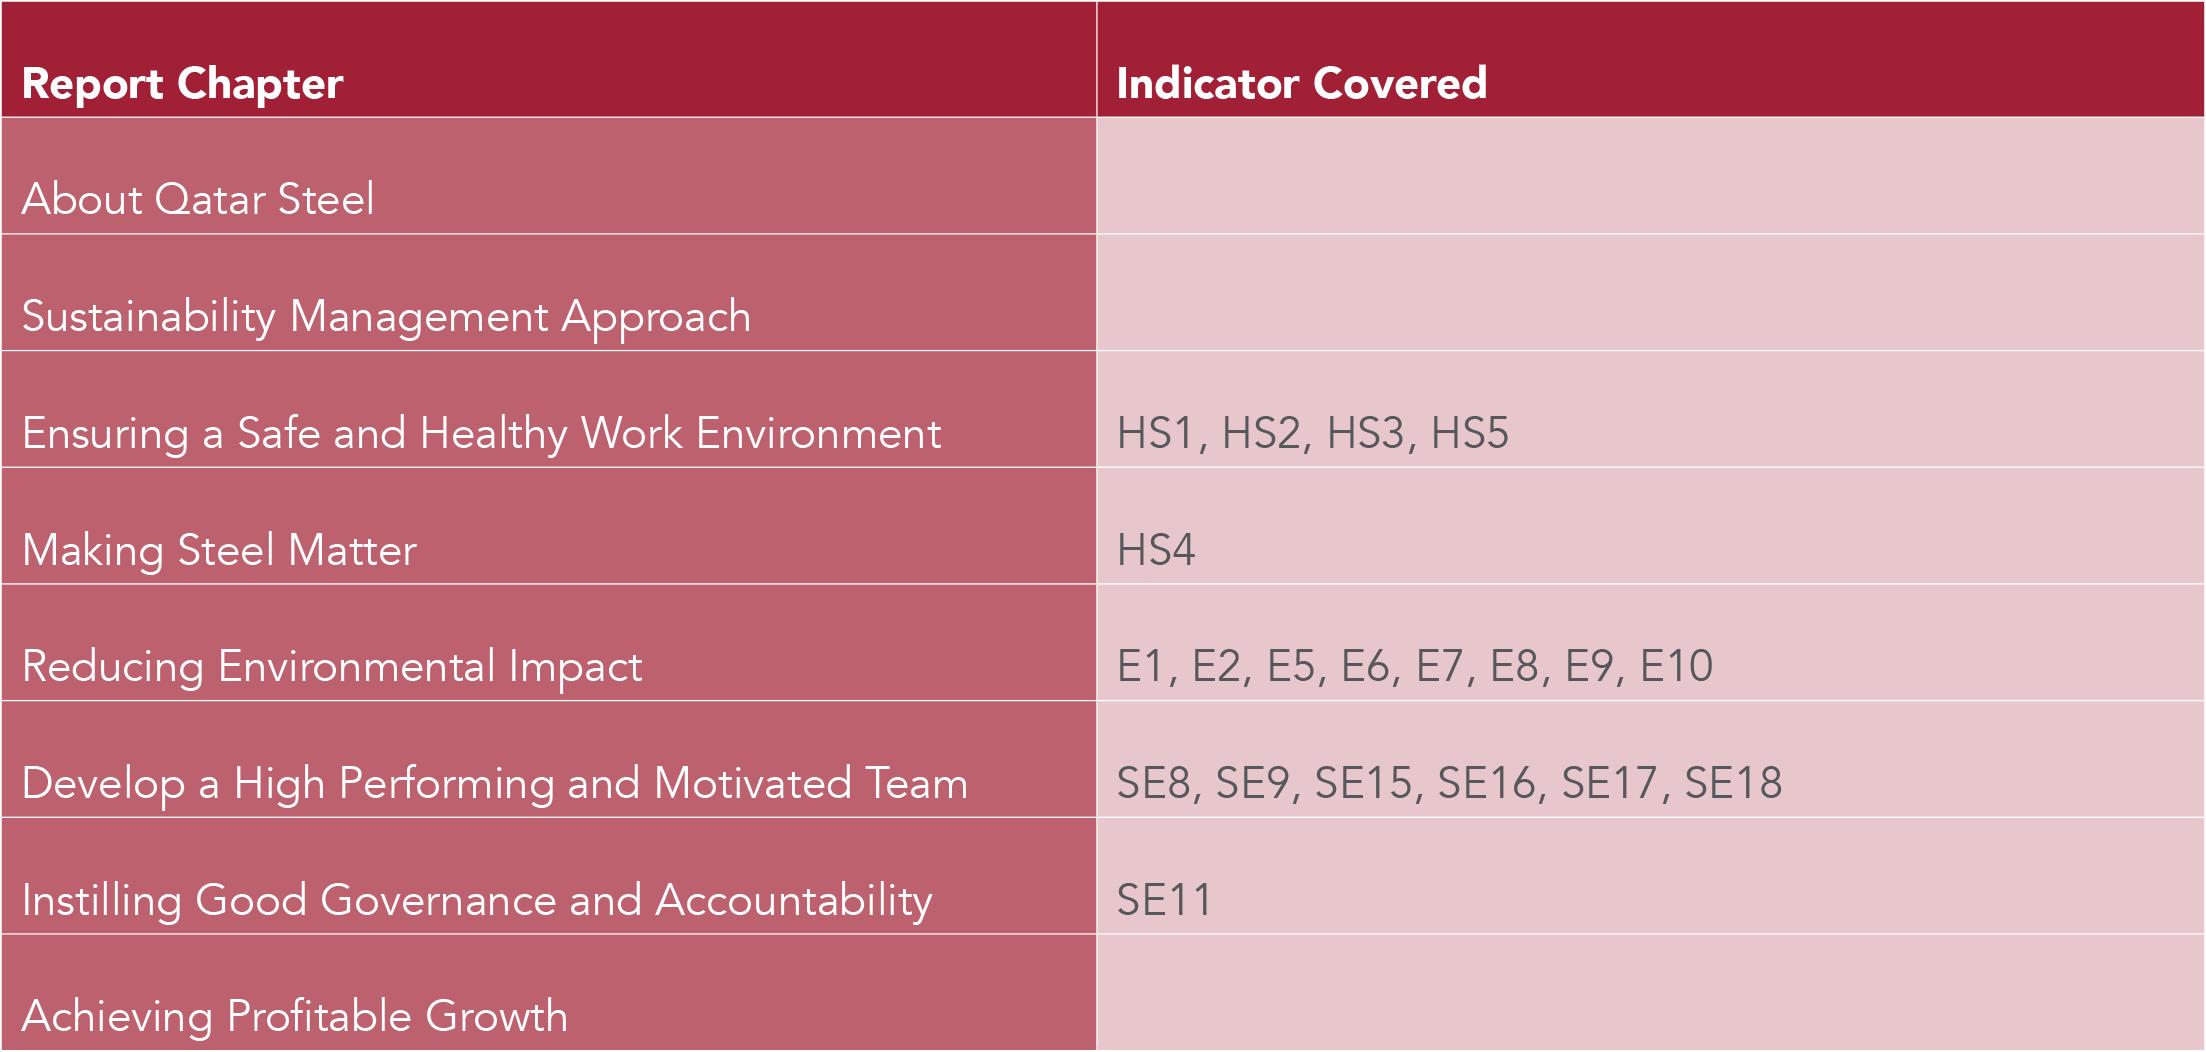 IPIECA Index